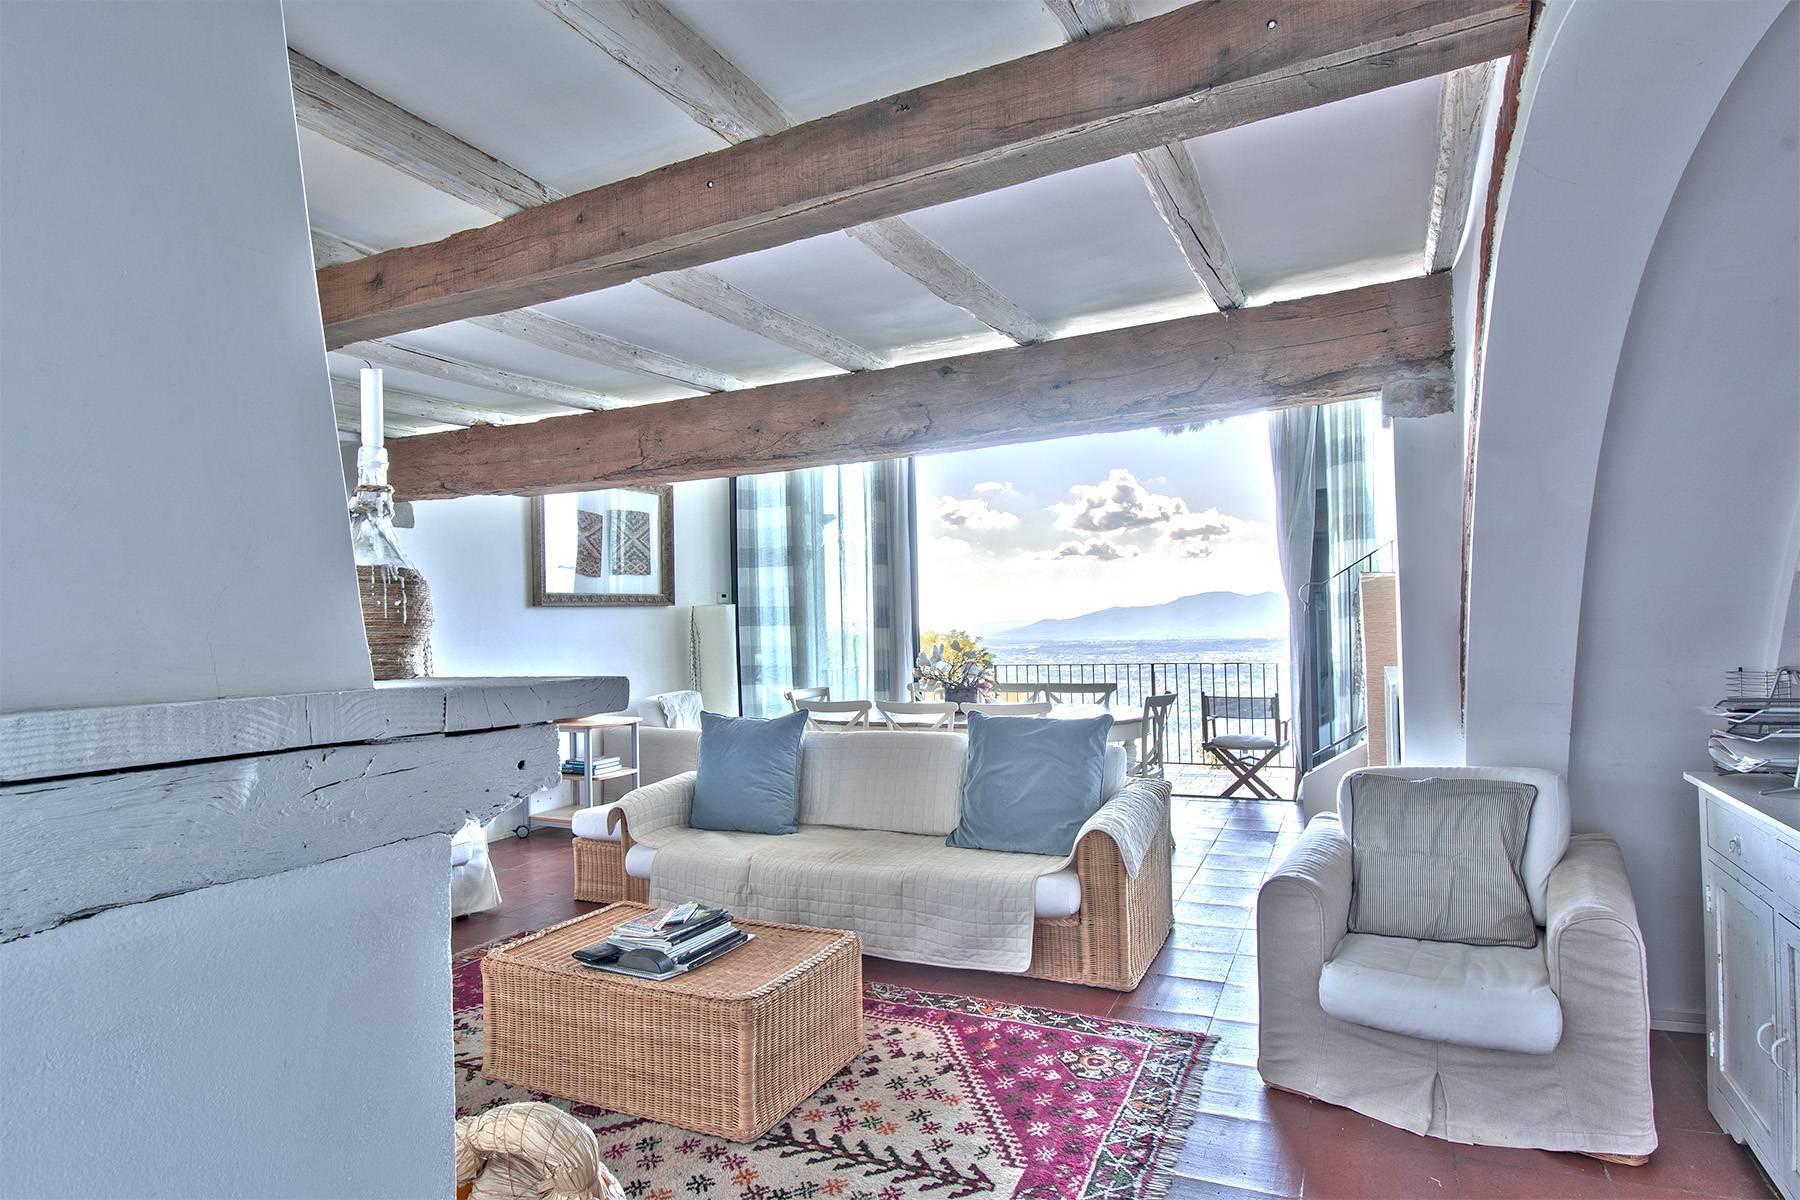 Villa in Vendita a Montecatini-Terme: 5 locali, 250 mq - Foto 6